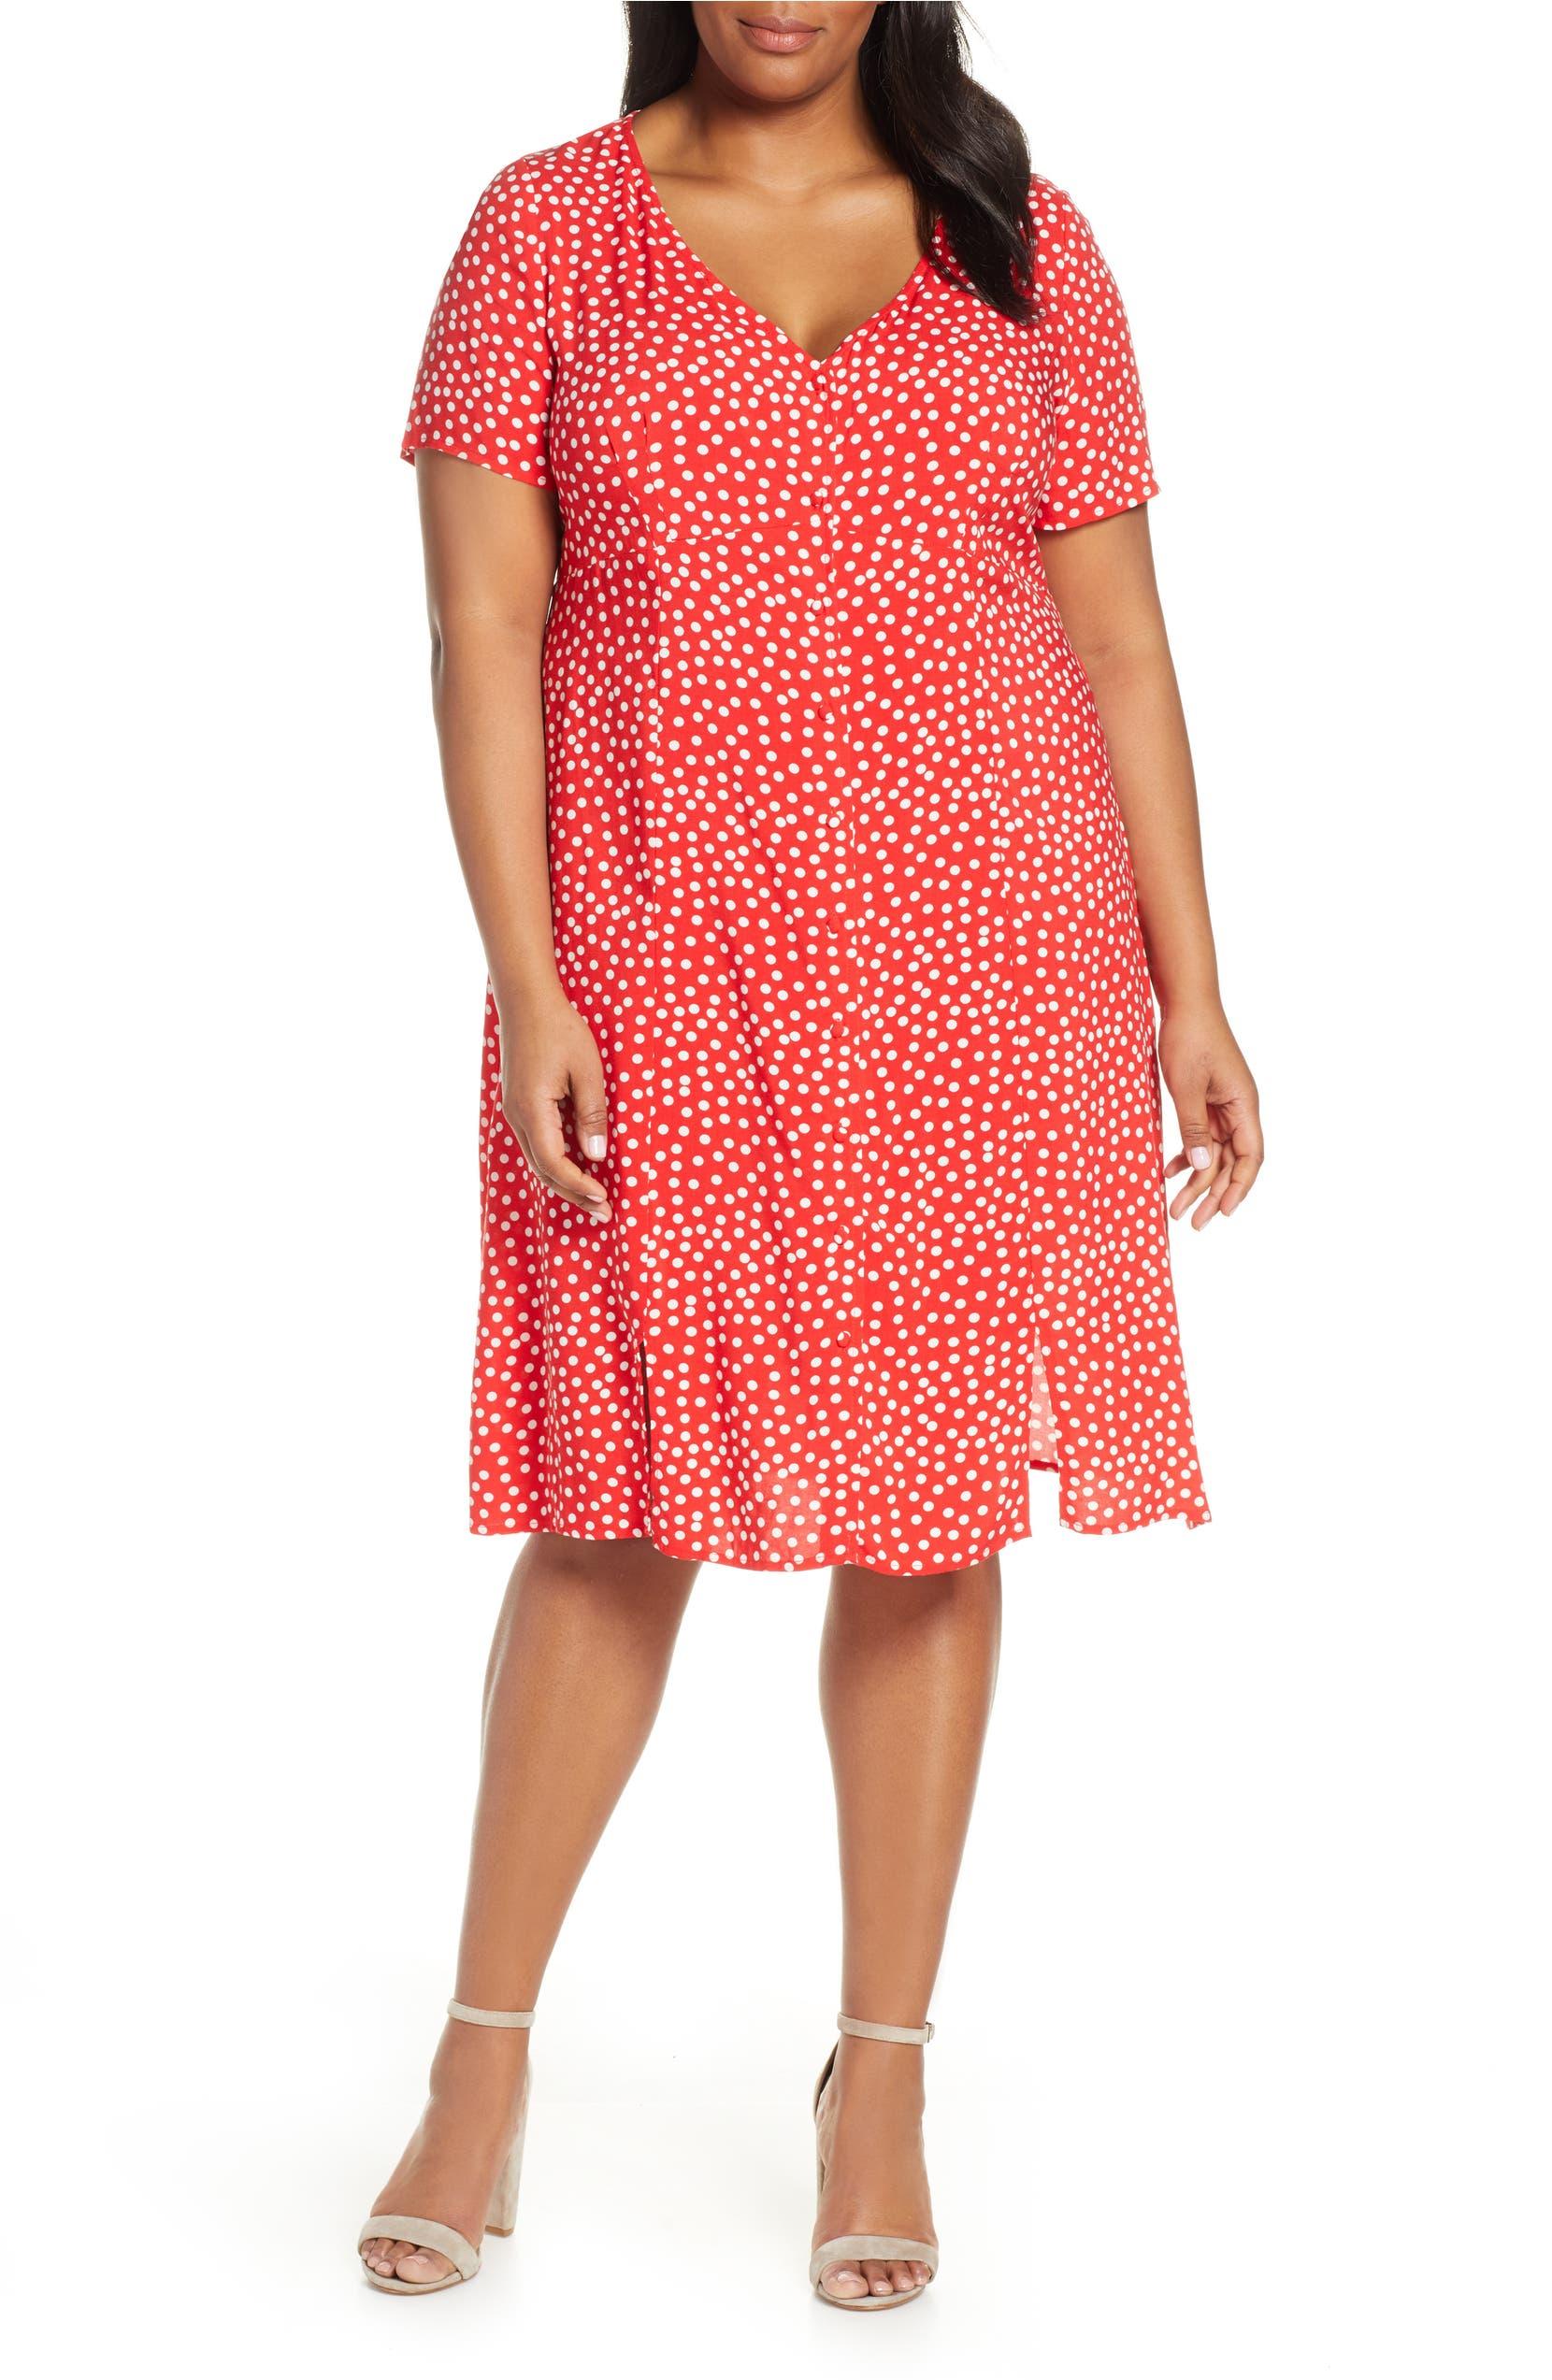 Estelle Adeline Polka Dot Empire Waist Dress (Plus Size ...